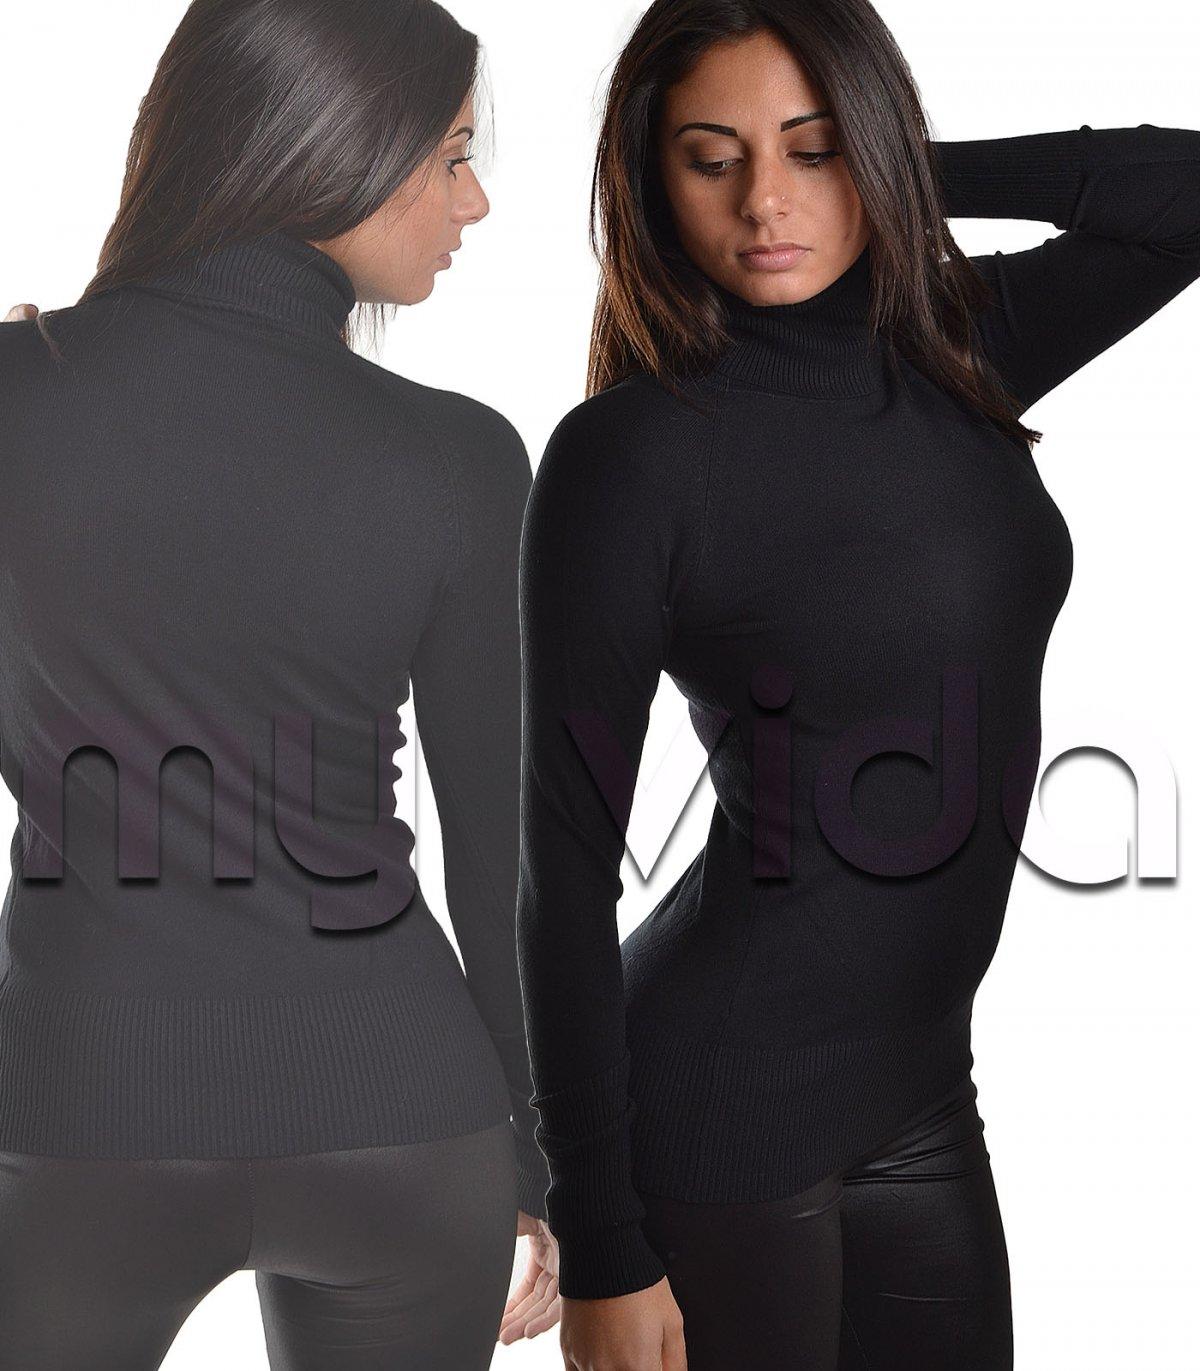 6608d80b060d0f Collezione donna capi basic maglione collo alto pullover dolcevita   My Vida